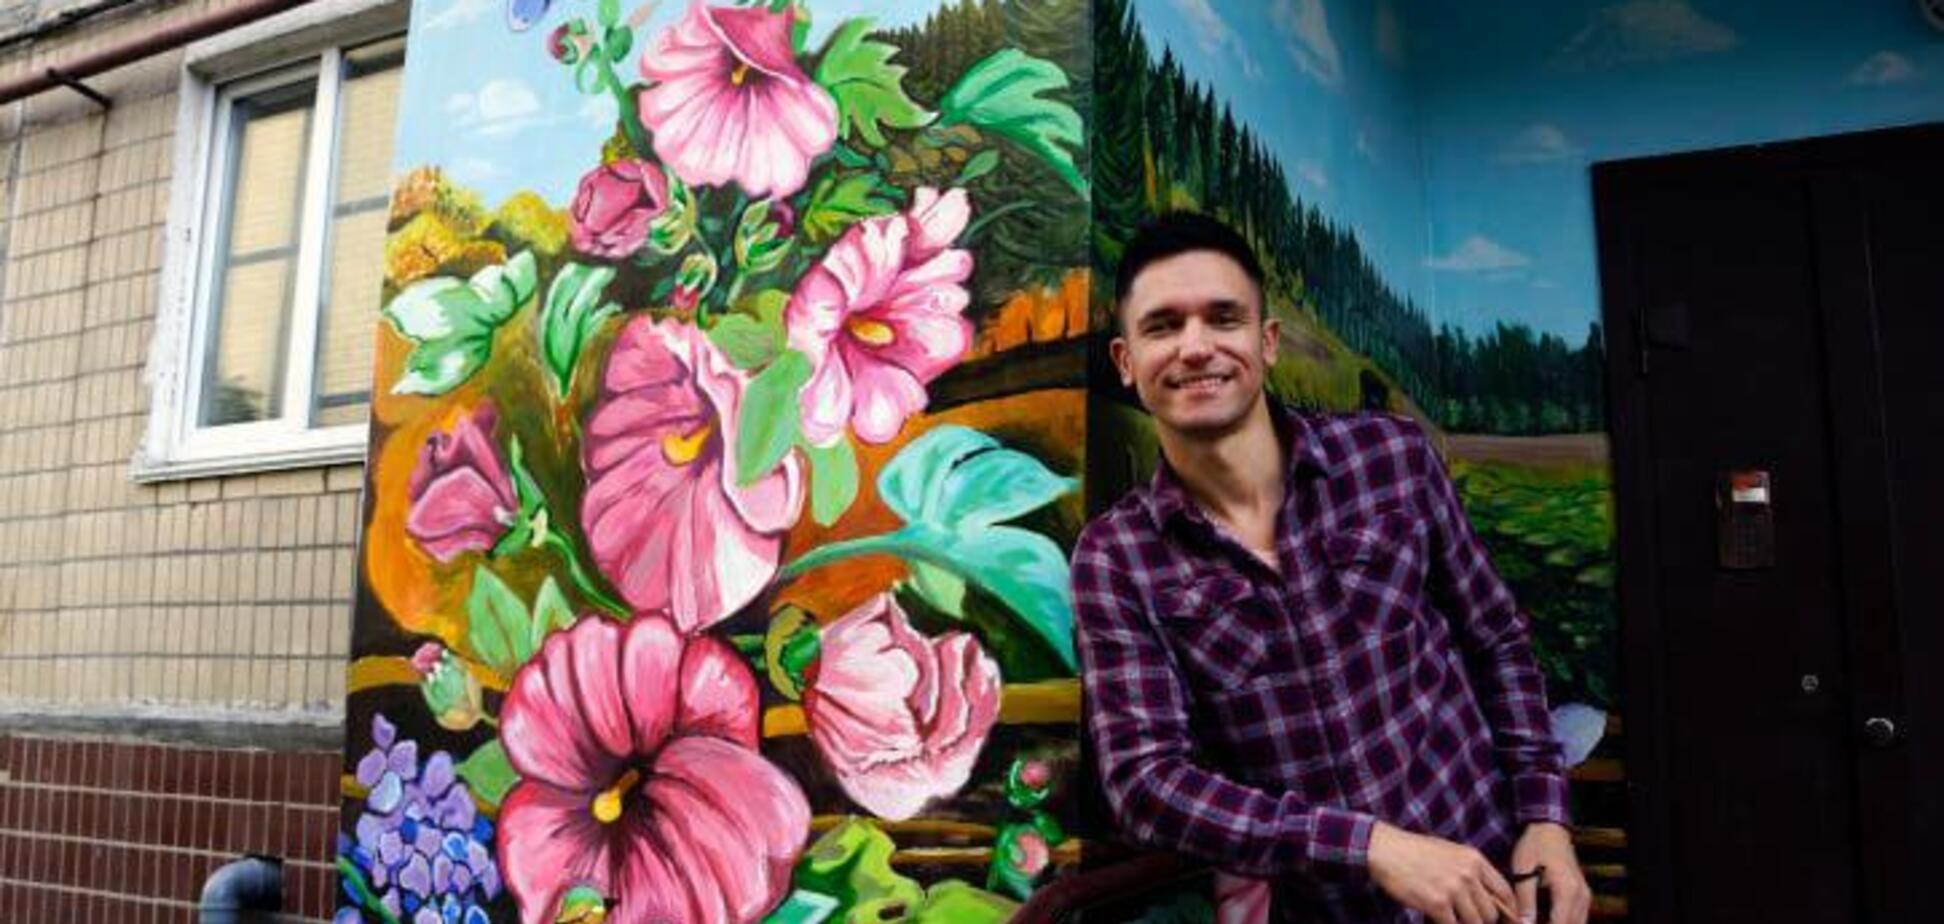 В Днепре художник превратил подъезд в произведение искусства